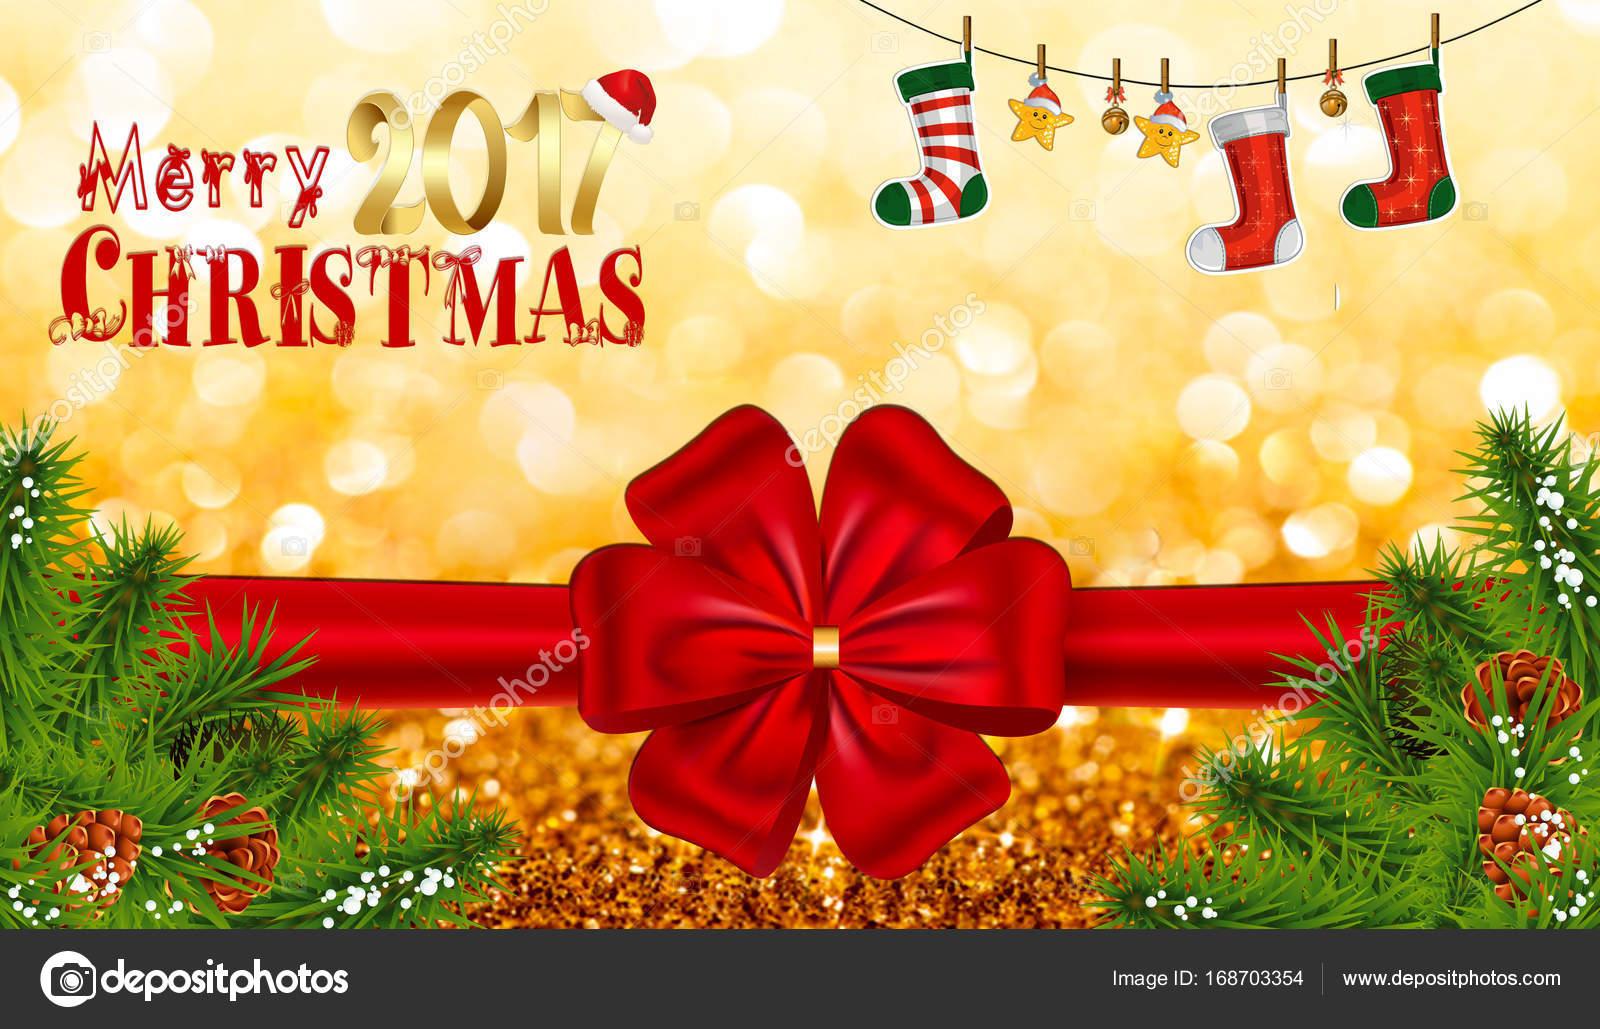 Frohe Weihnachten Text Karte mit Bokeh Hintergrund — Stockfoto ...